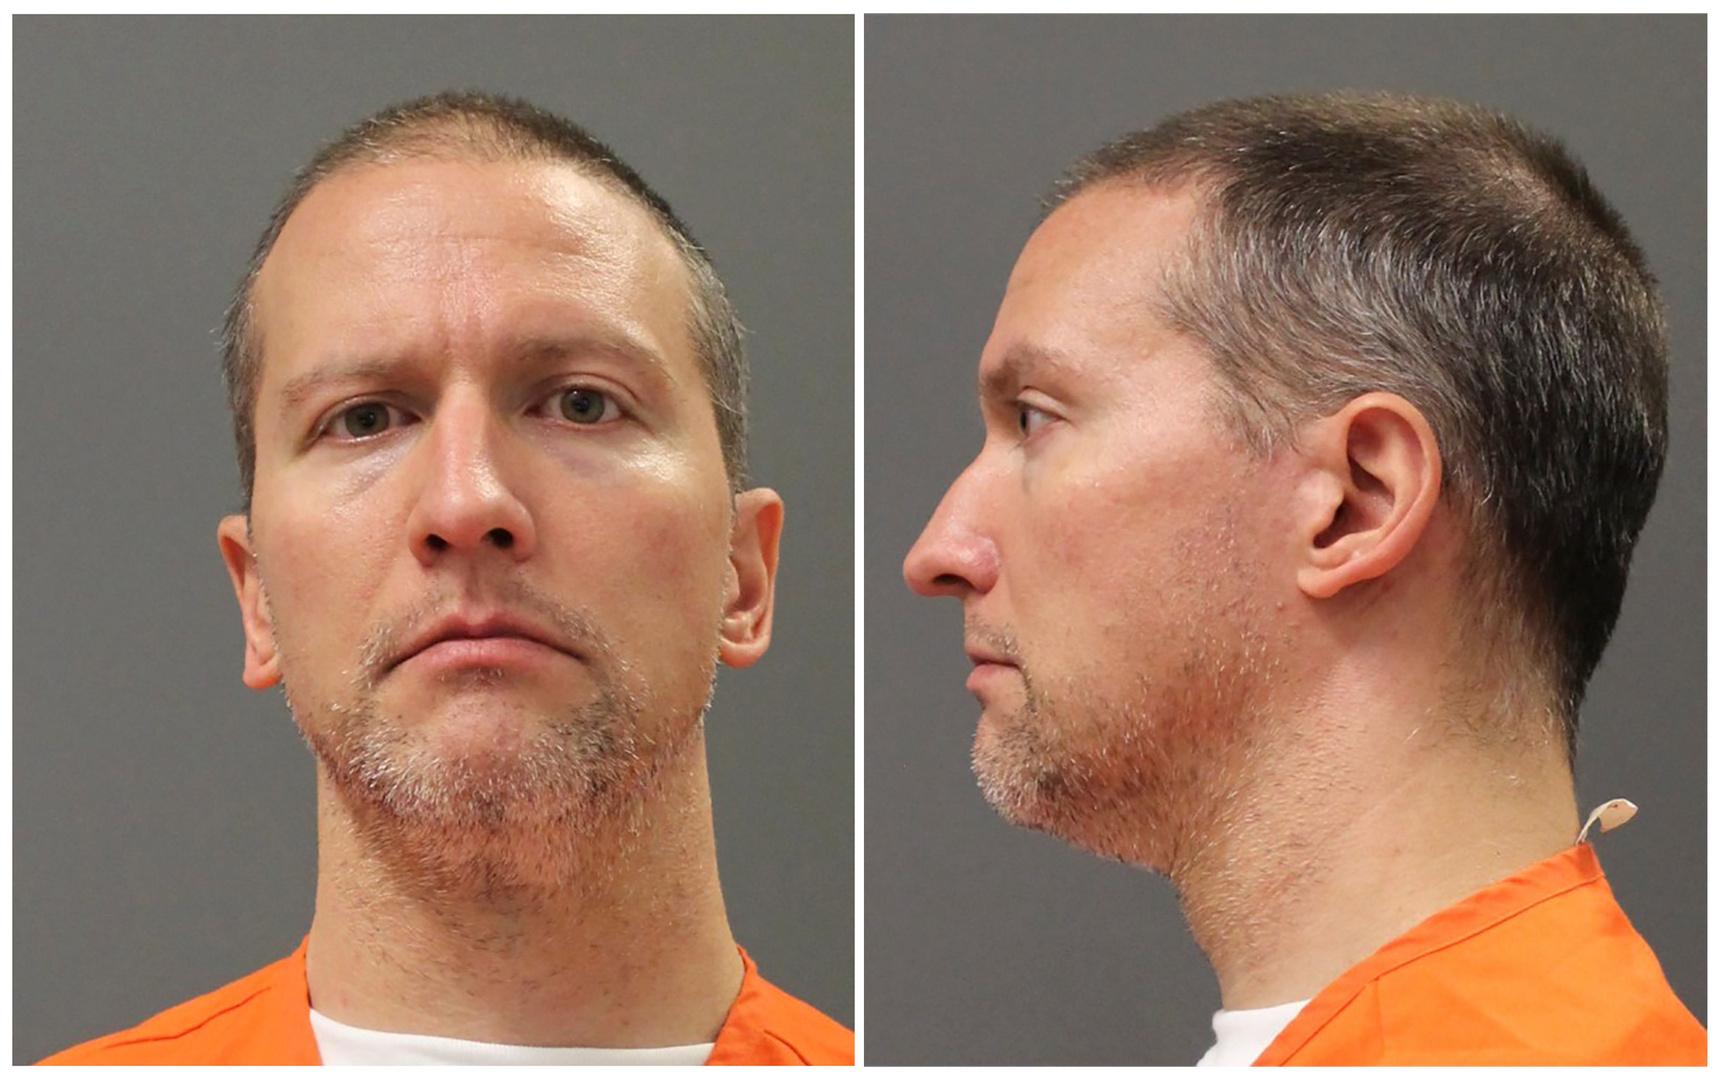 السلطات الأمريكية: يمكن توجيه تهمة القتل من الدرجة الأولى لشوفين حال وجدت الأدلة